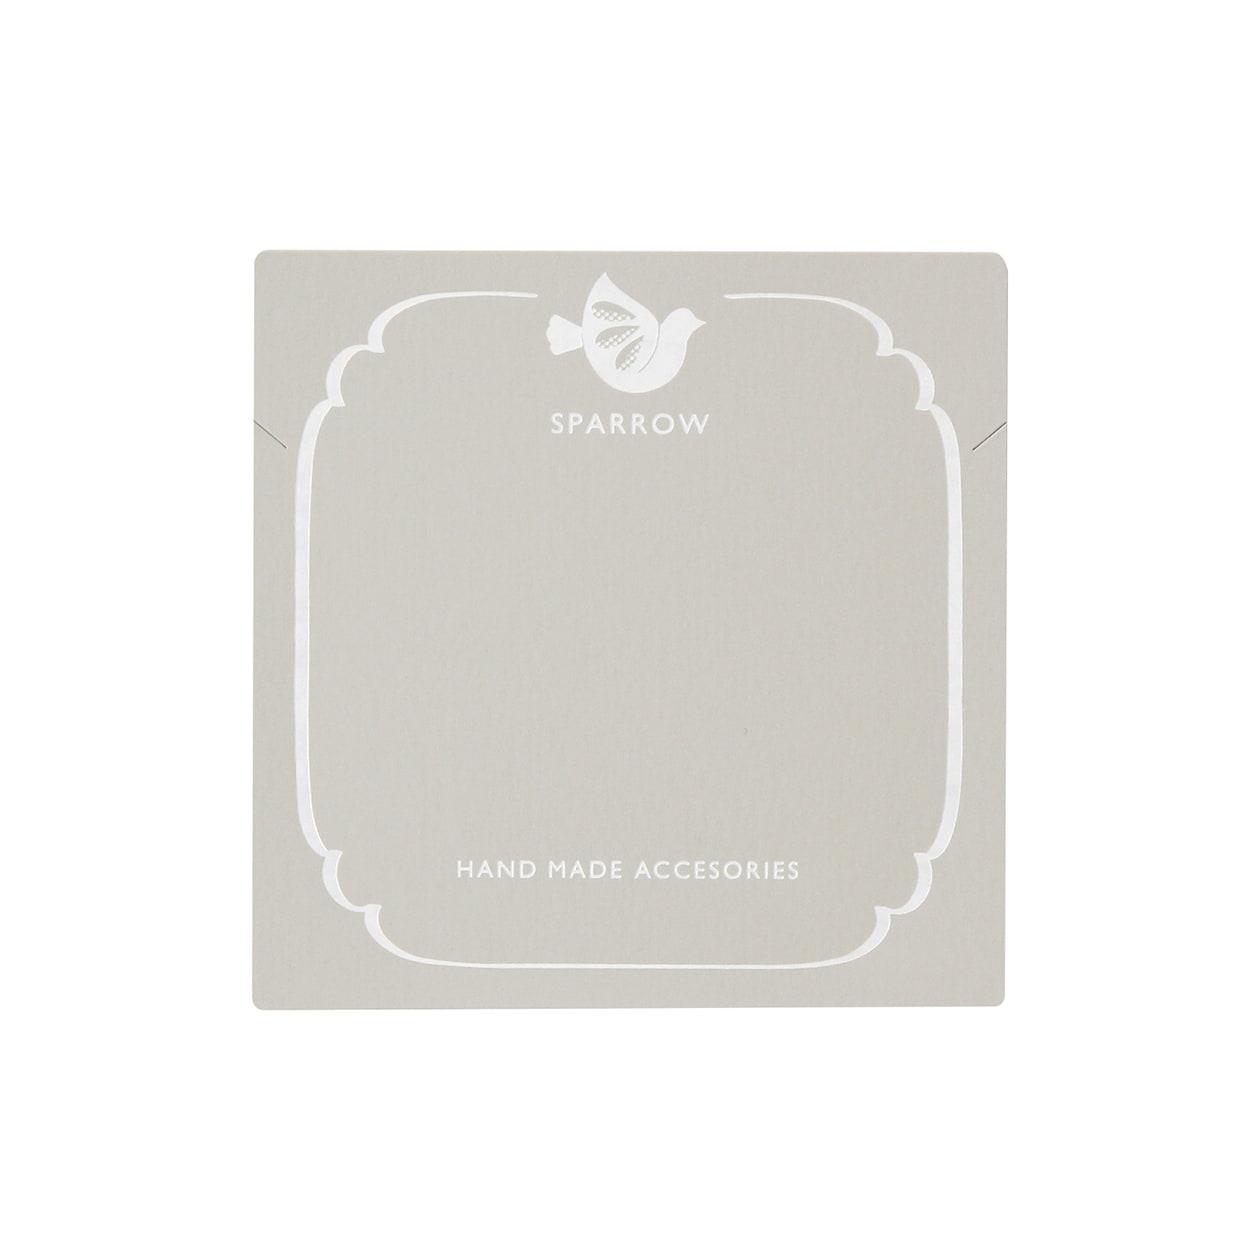 サンプル カード・シート 00201